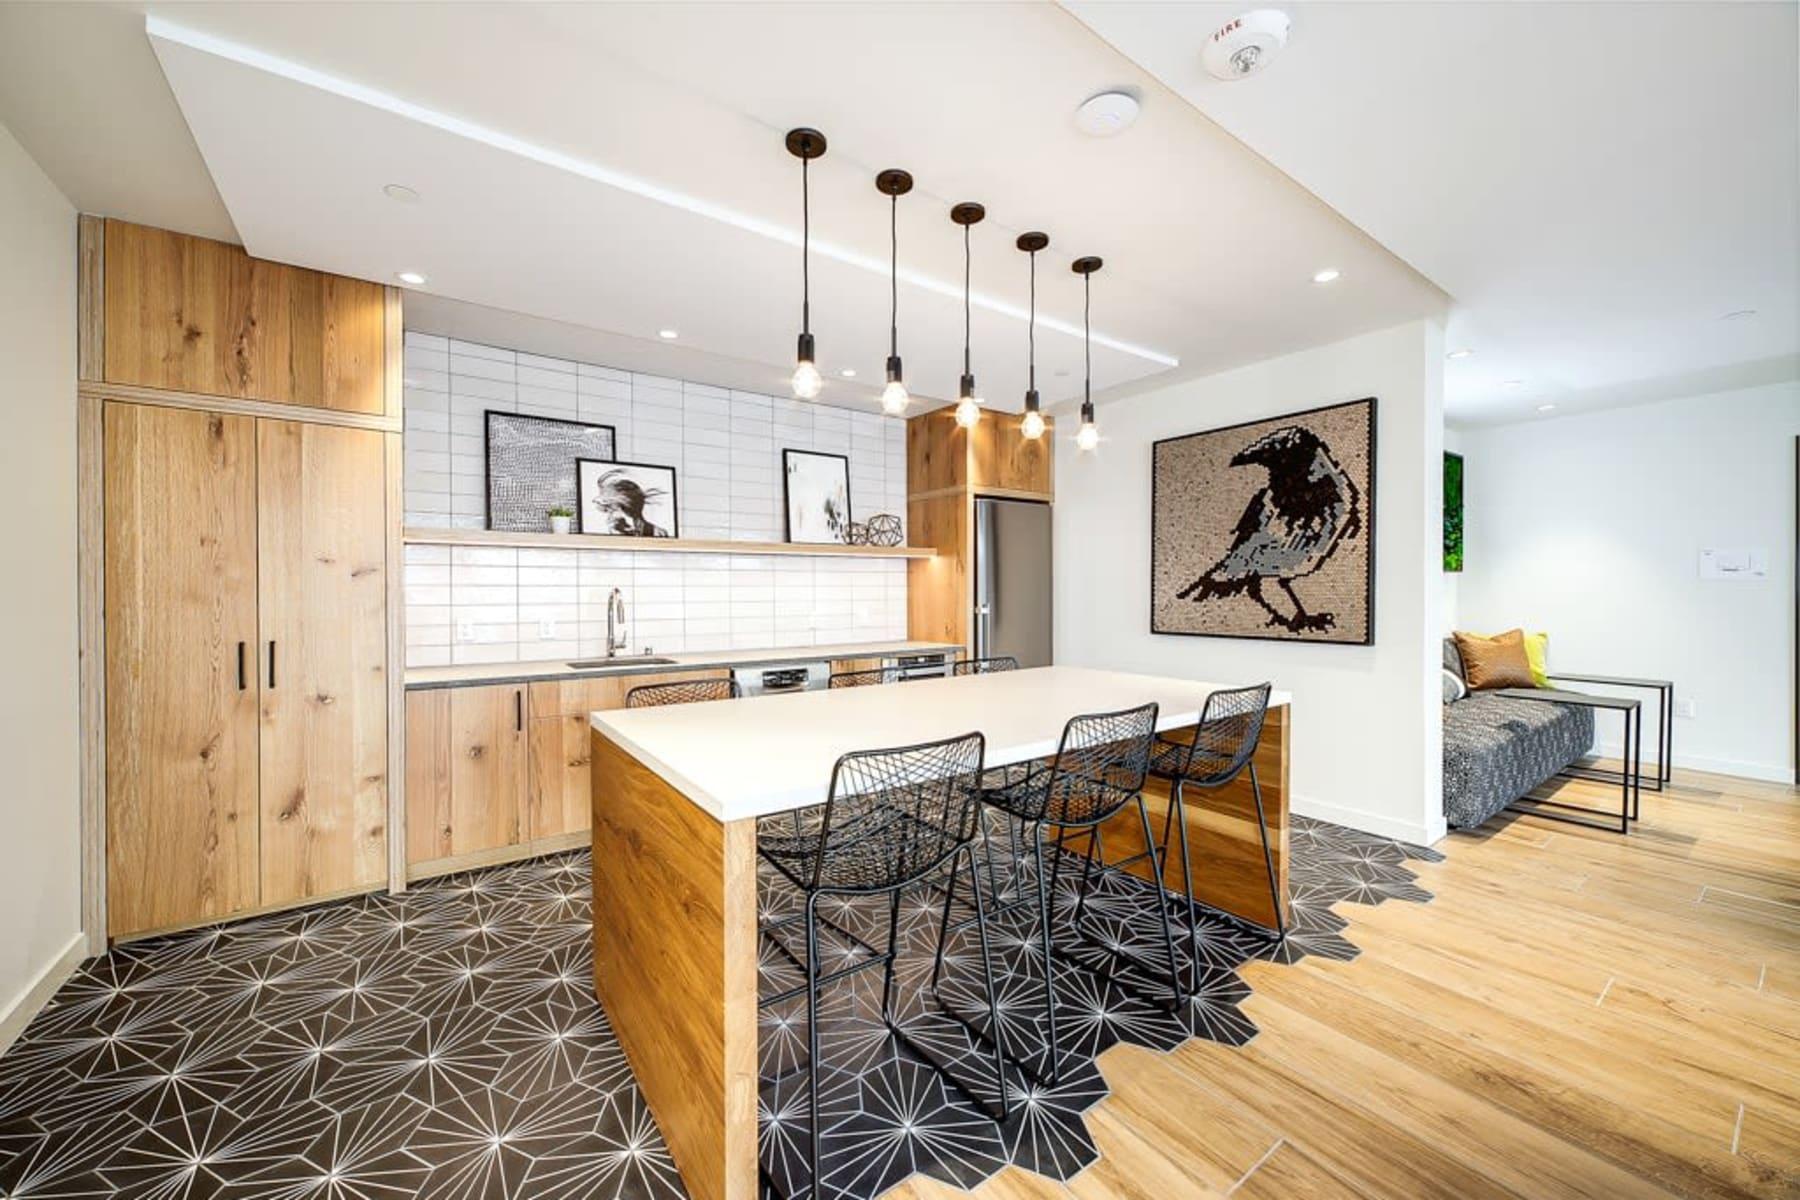 Blackbird in Redmond, Washington offers a kitchen in clubhouse